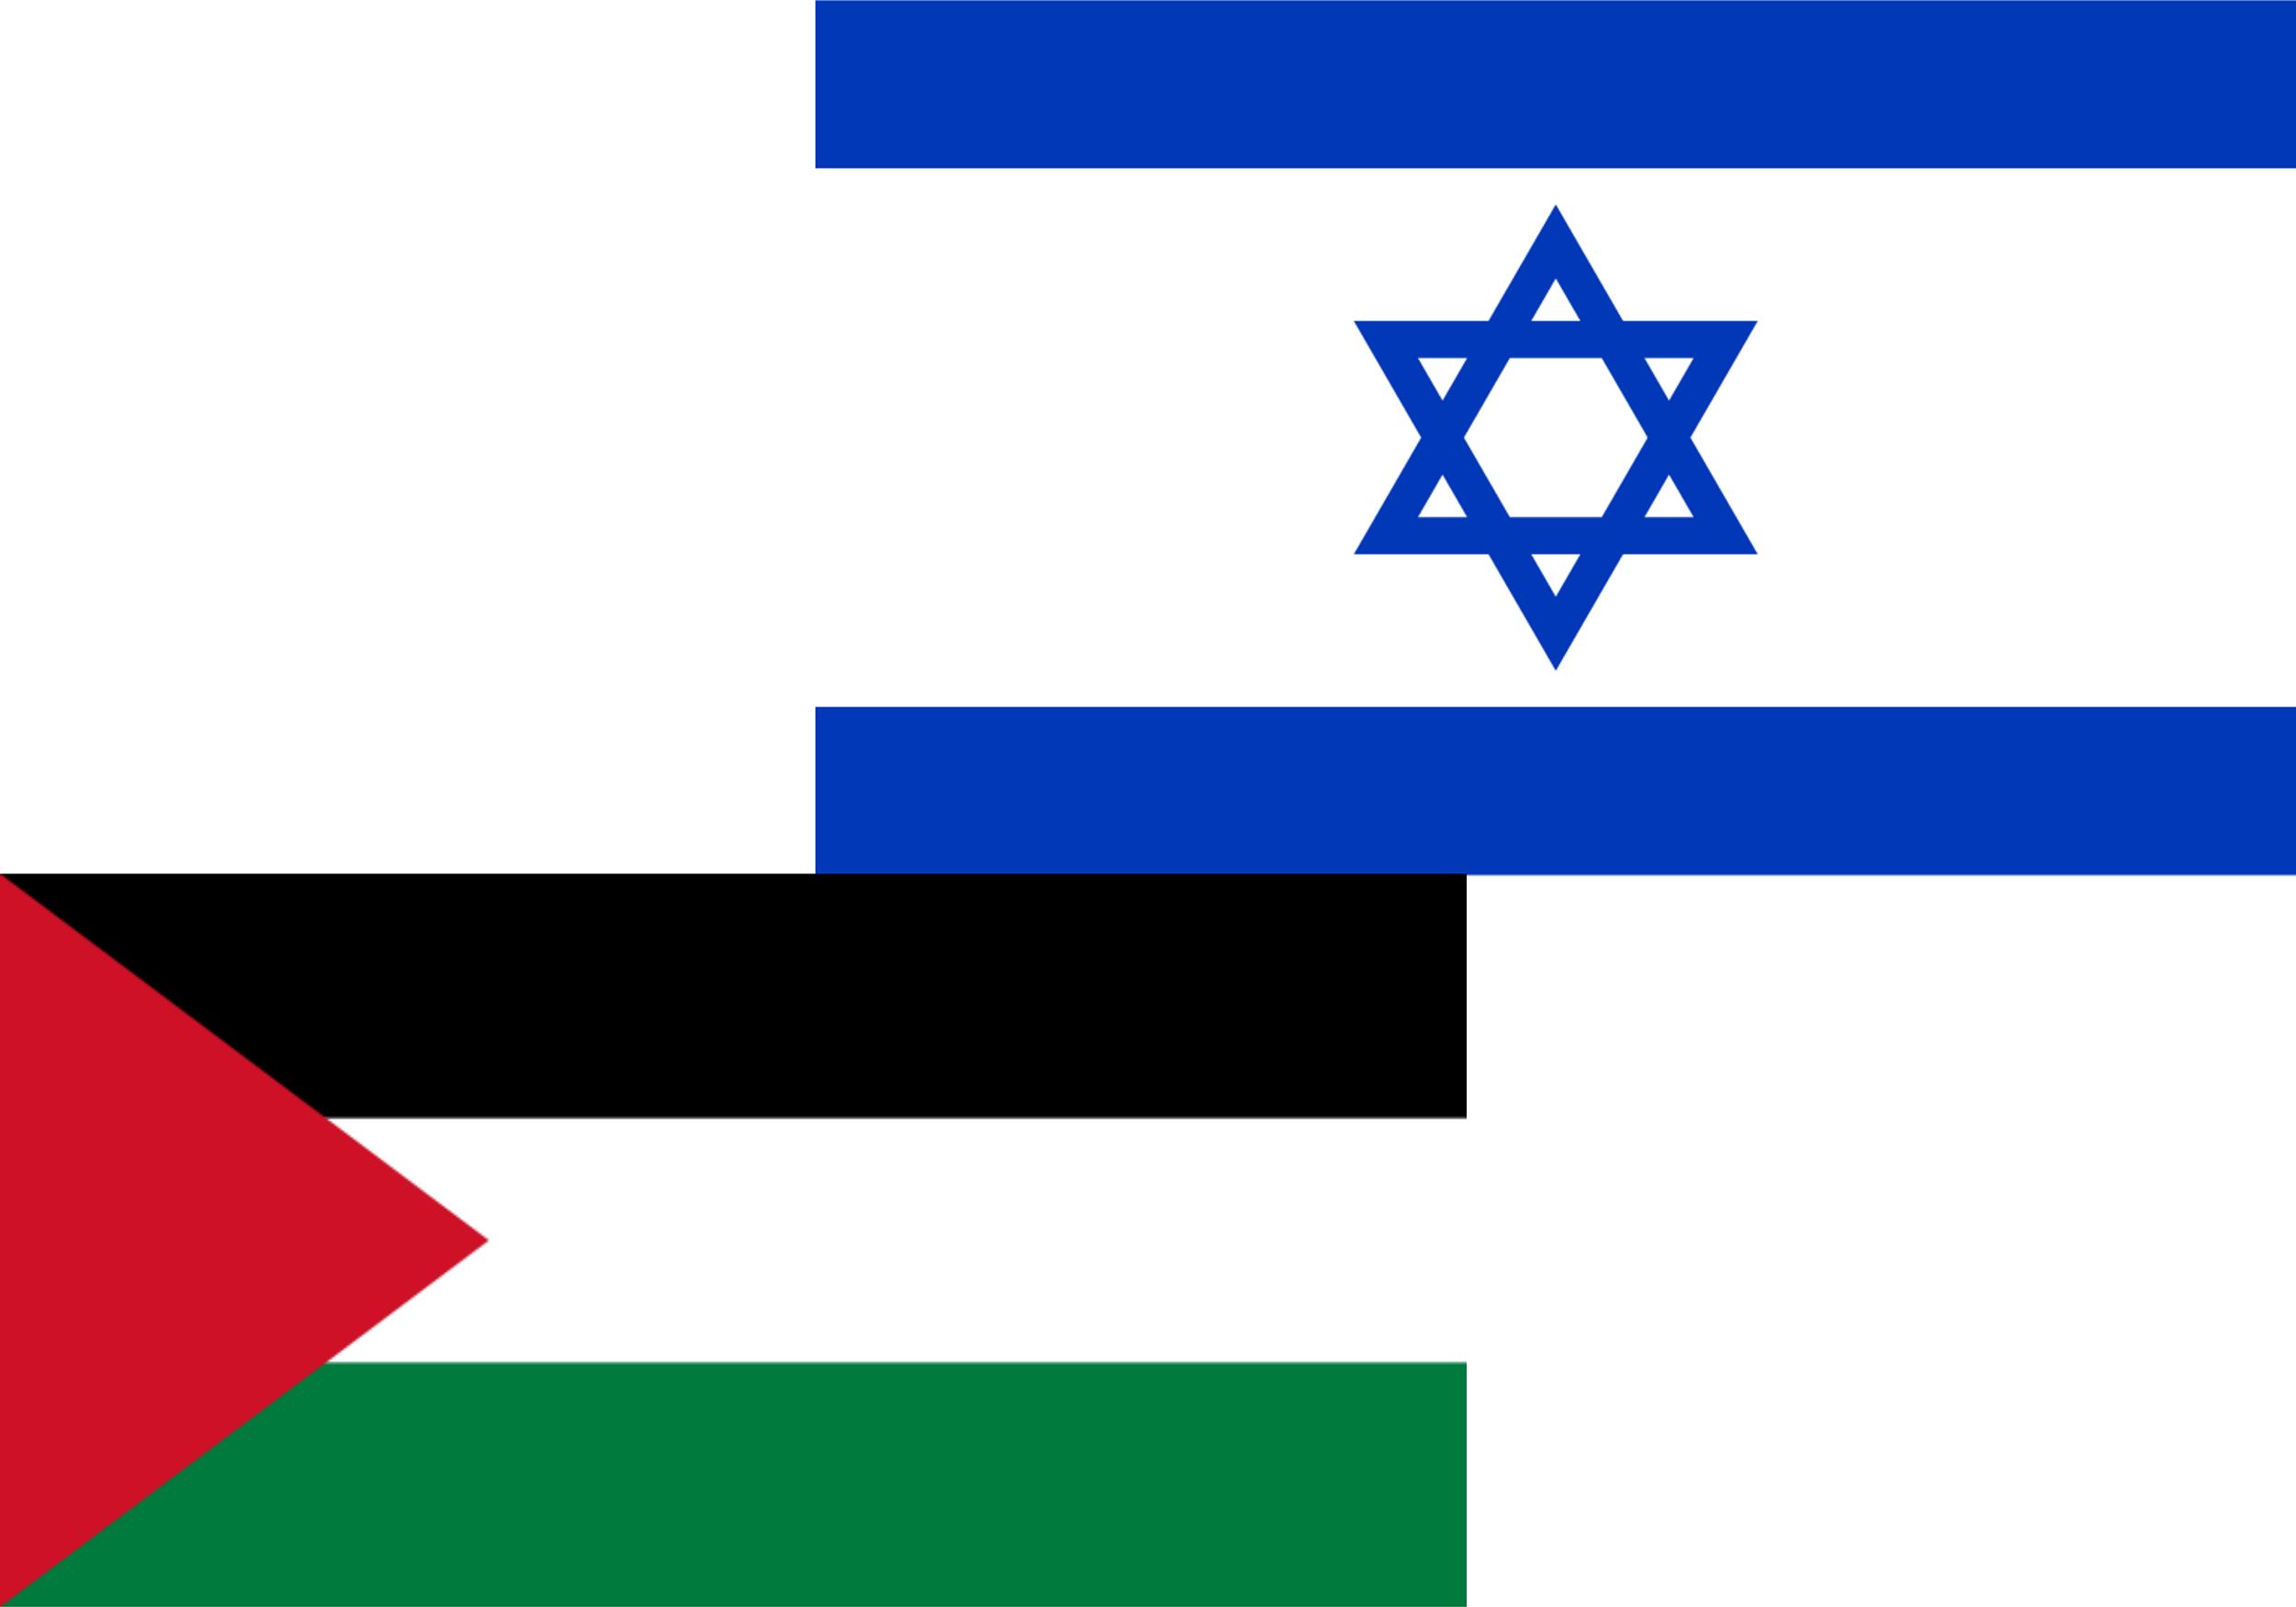 Flaggen Palästinas und Israels